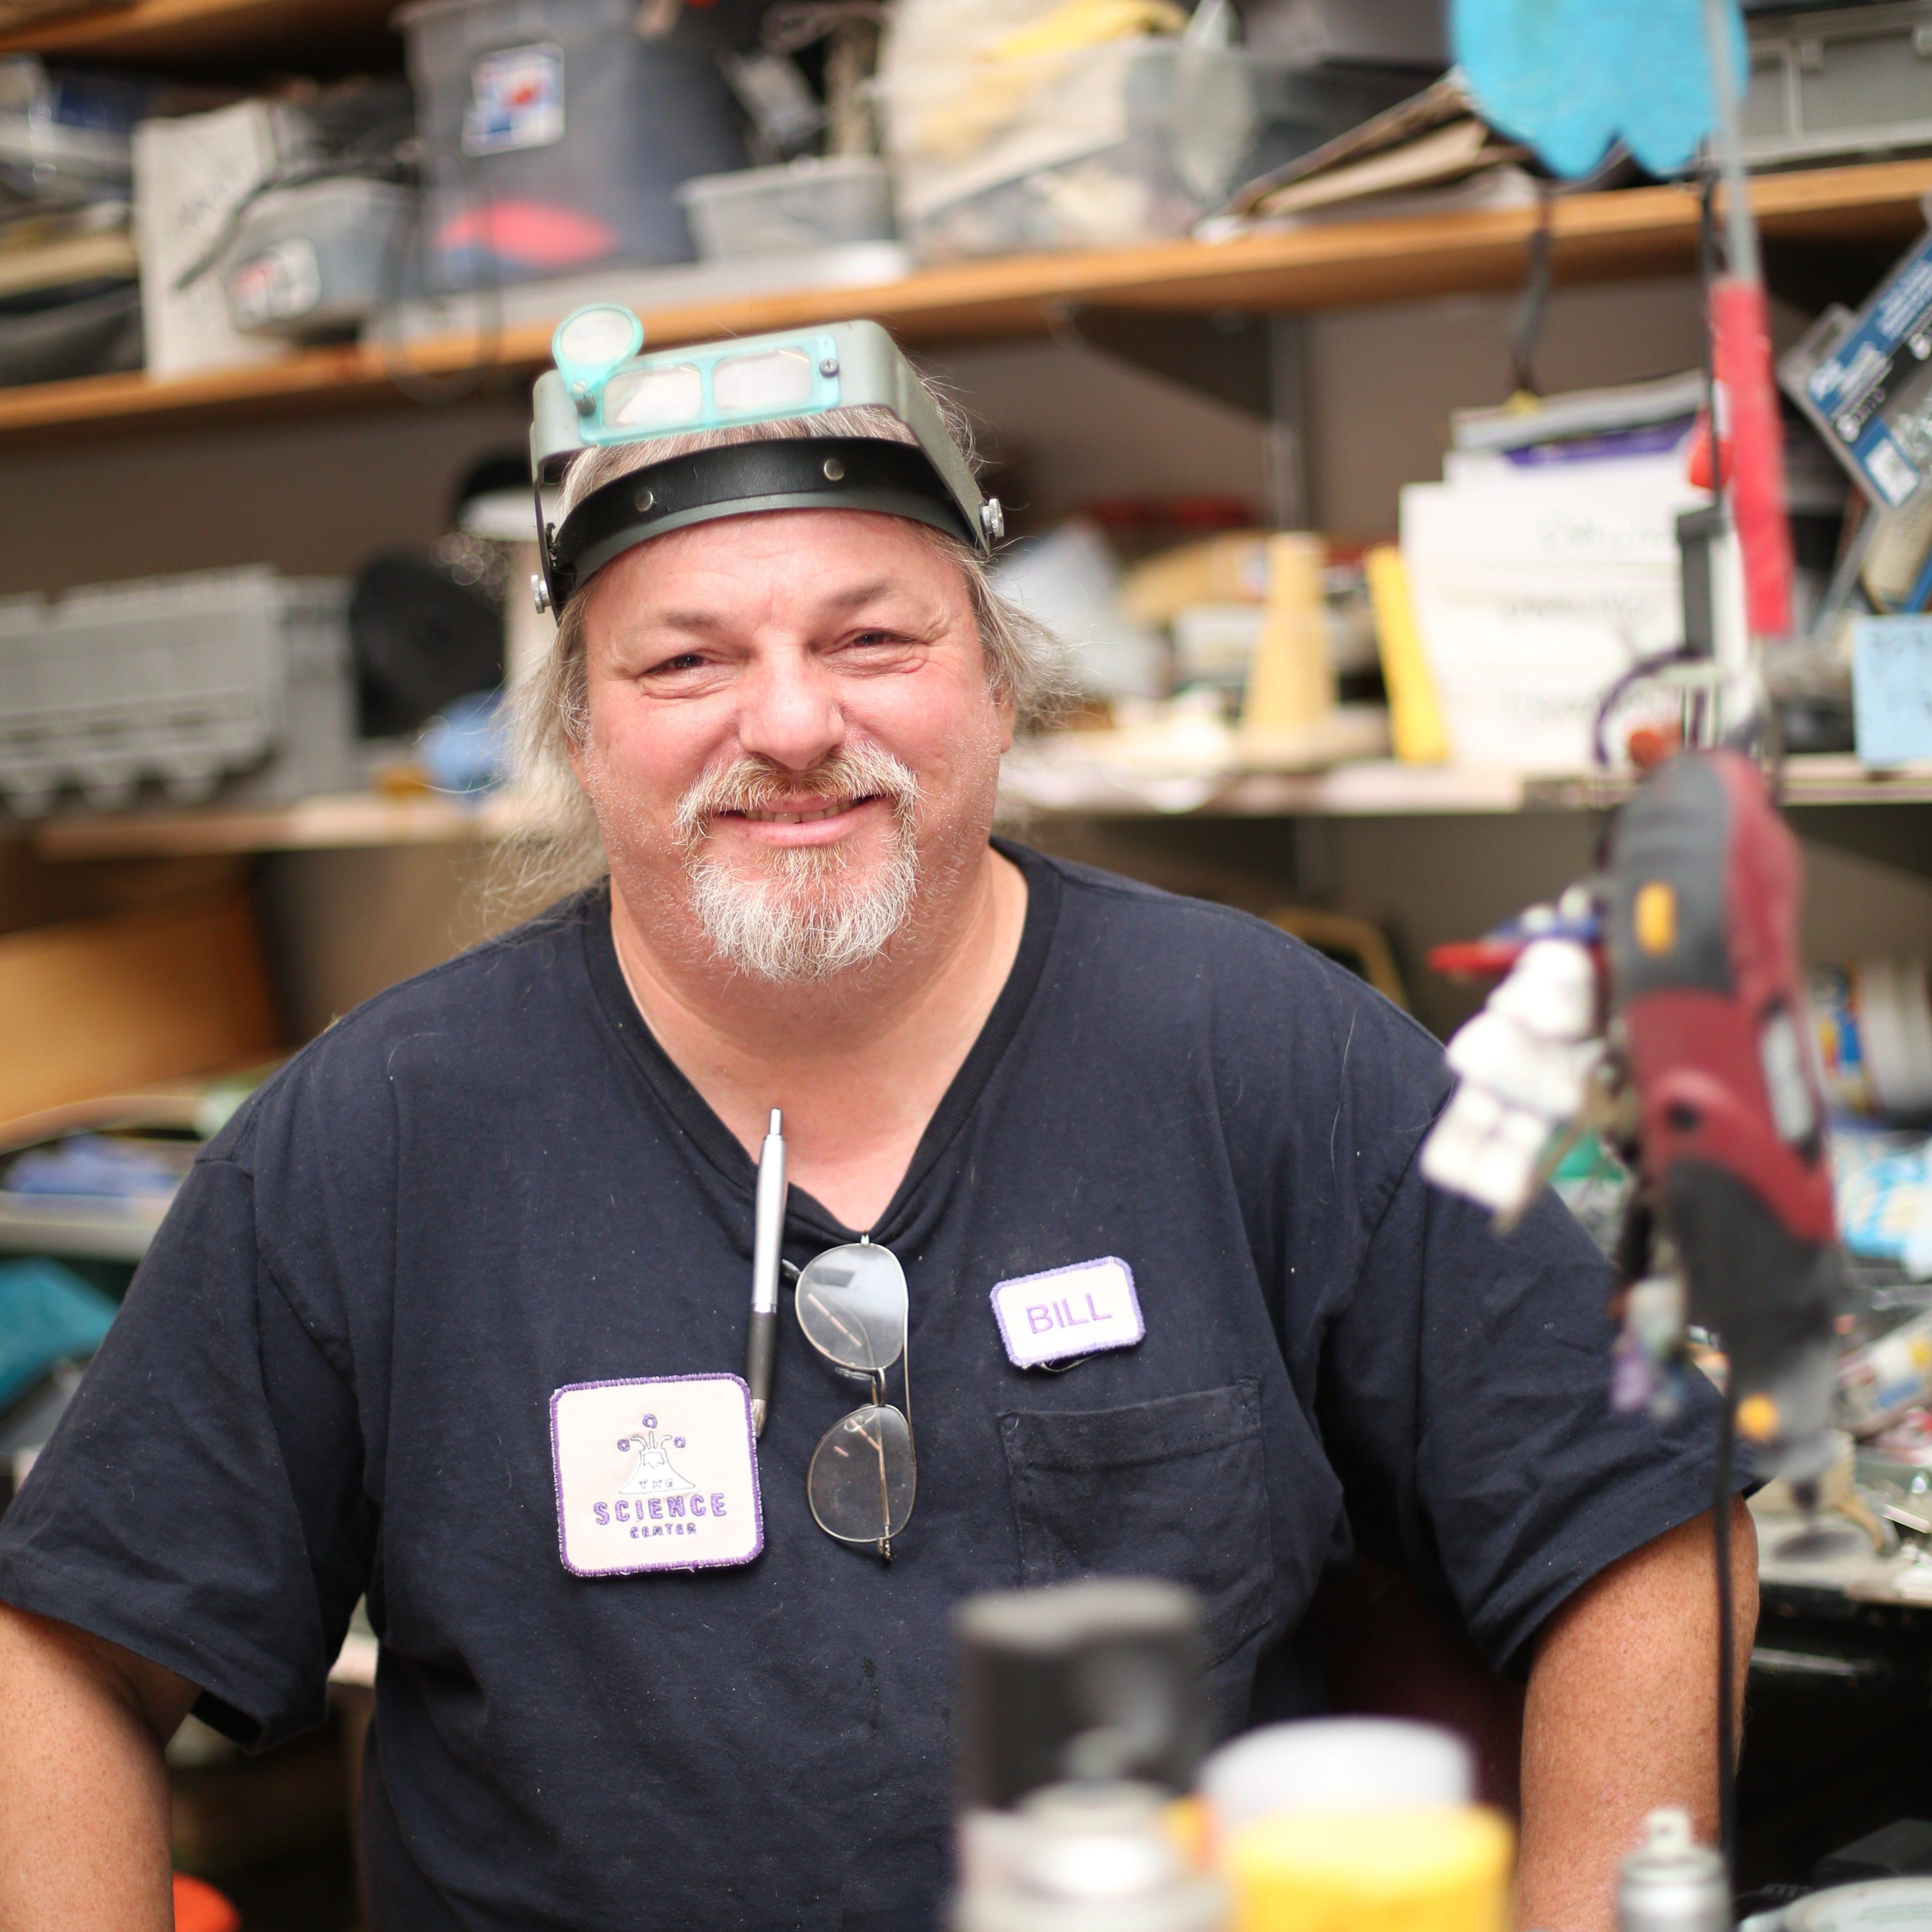 Bill Staff Photo